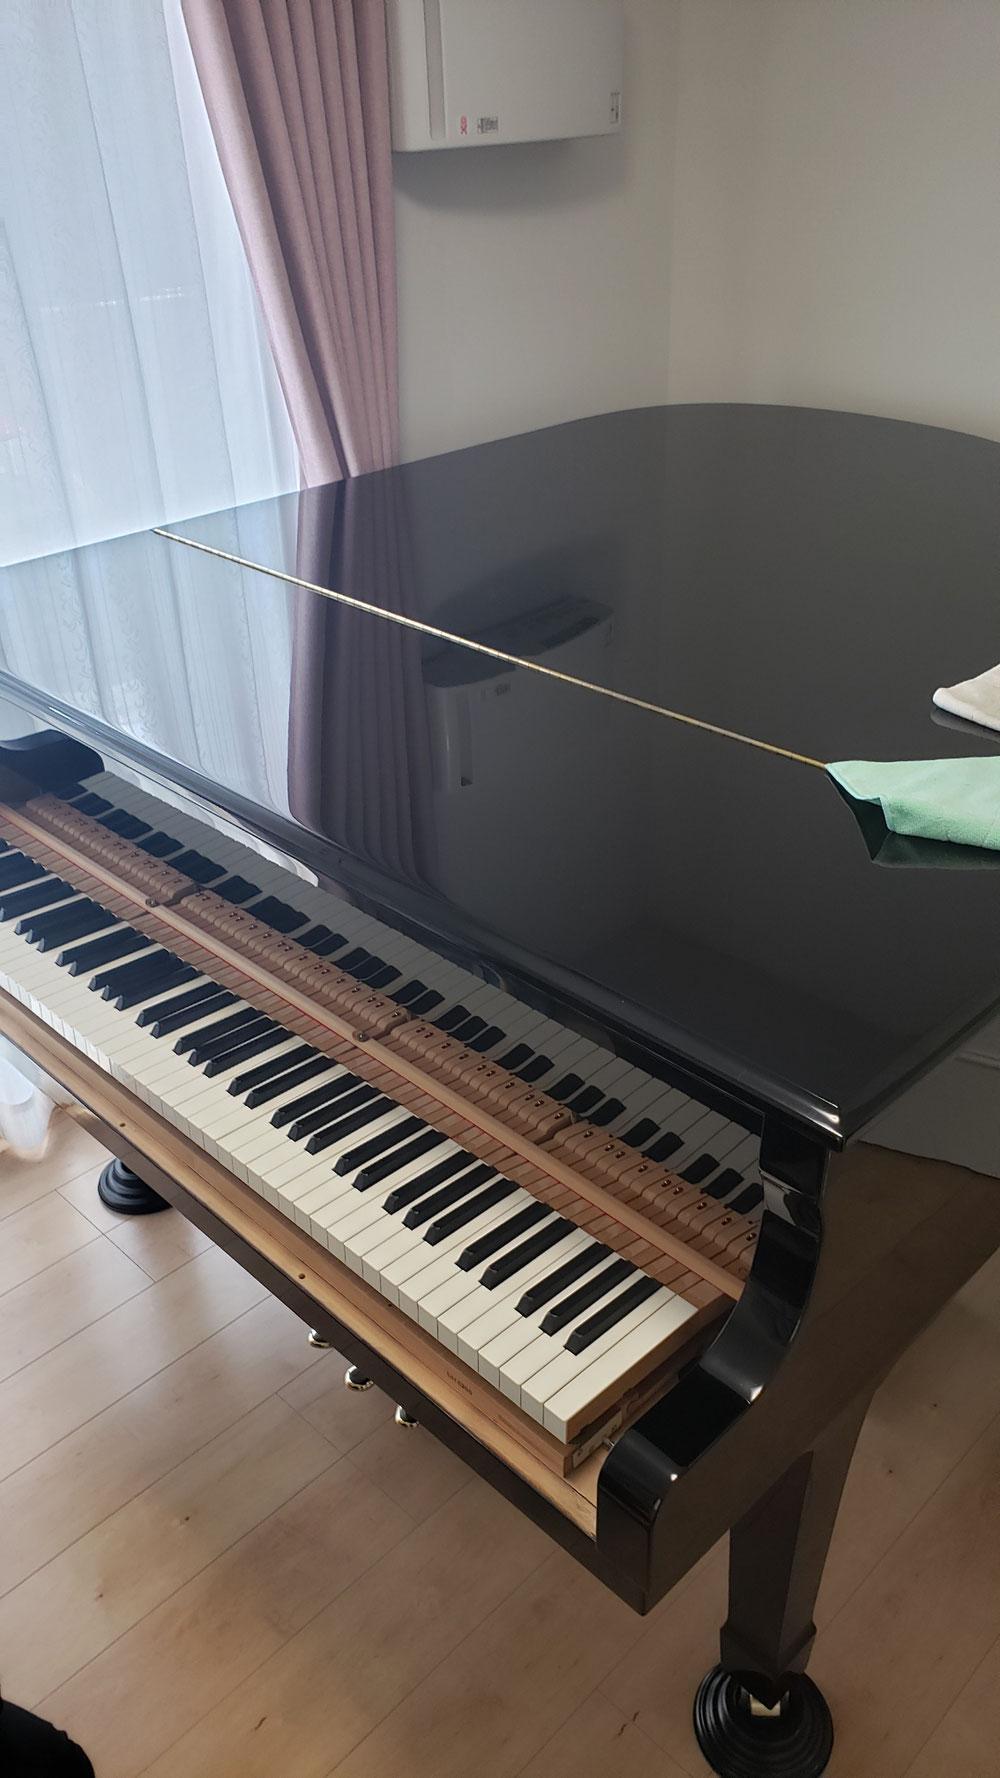 グランドピアノも、この通りピカピカです。